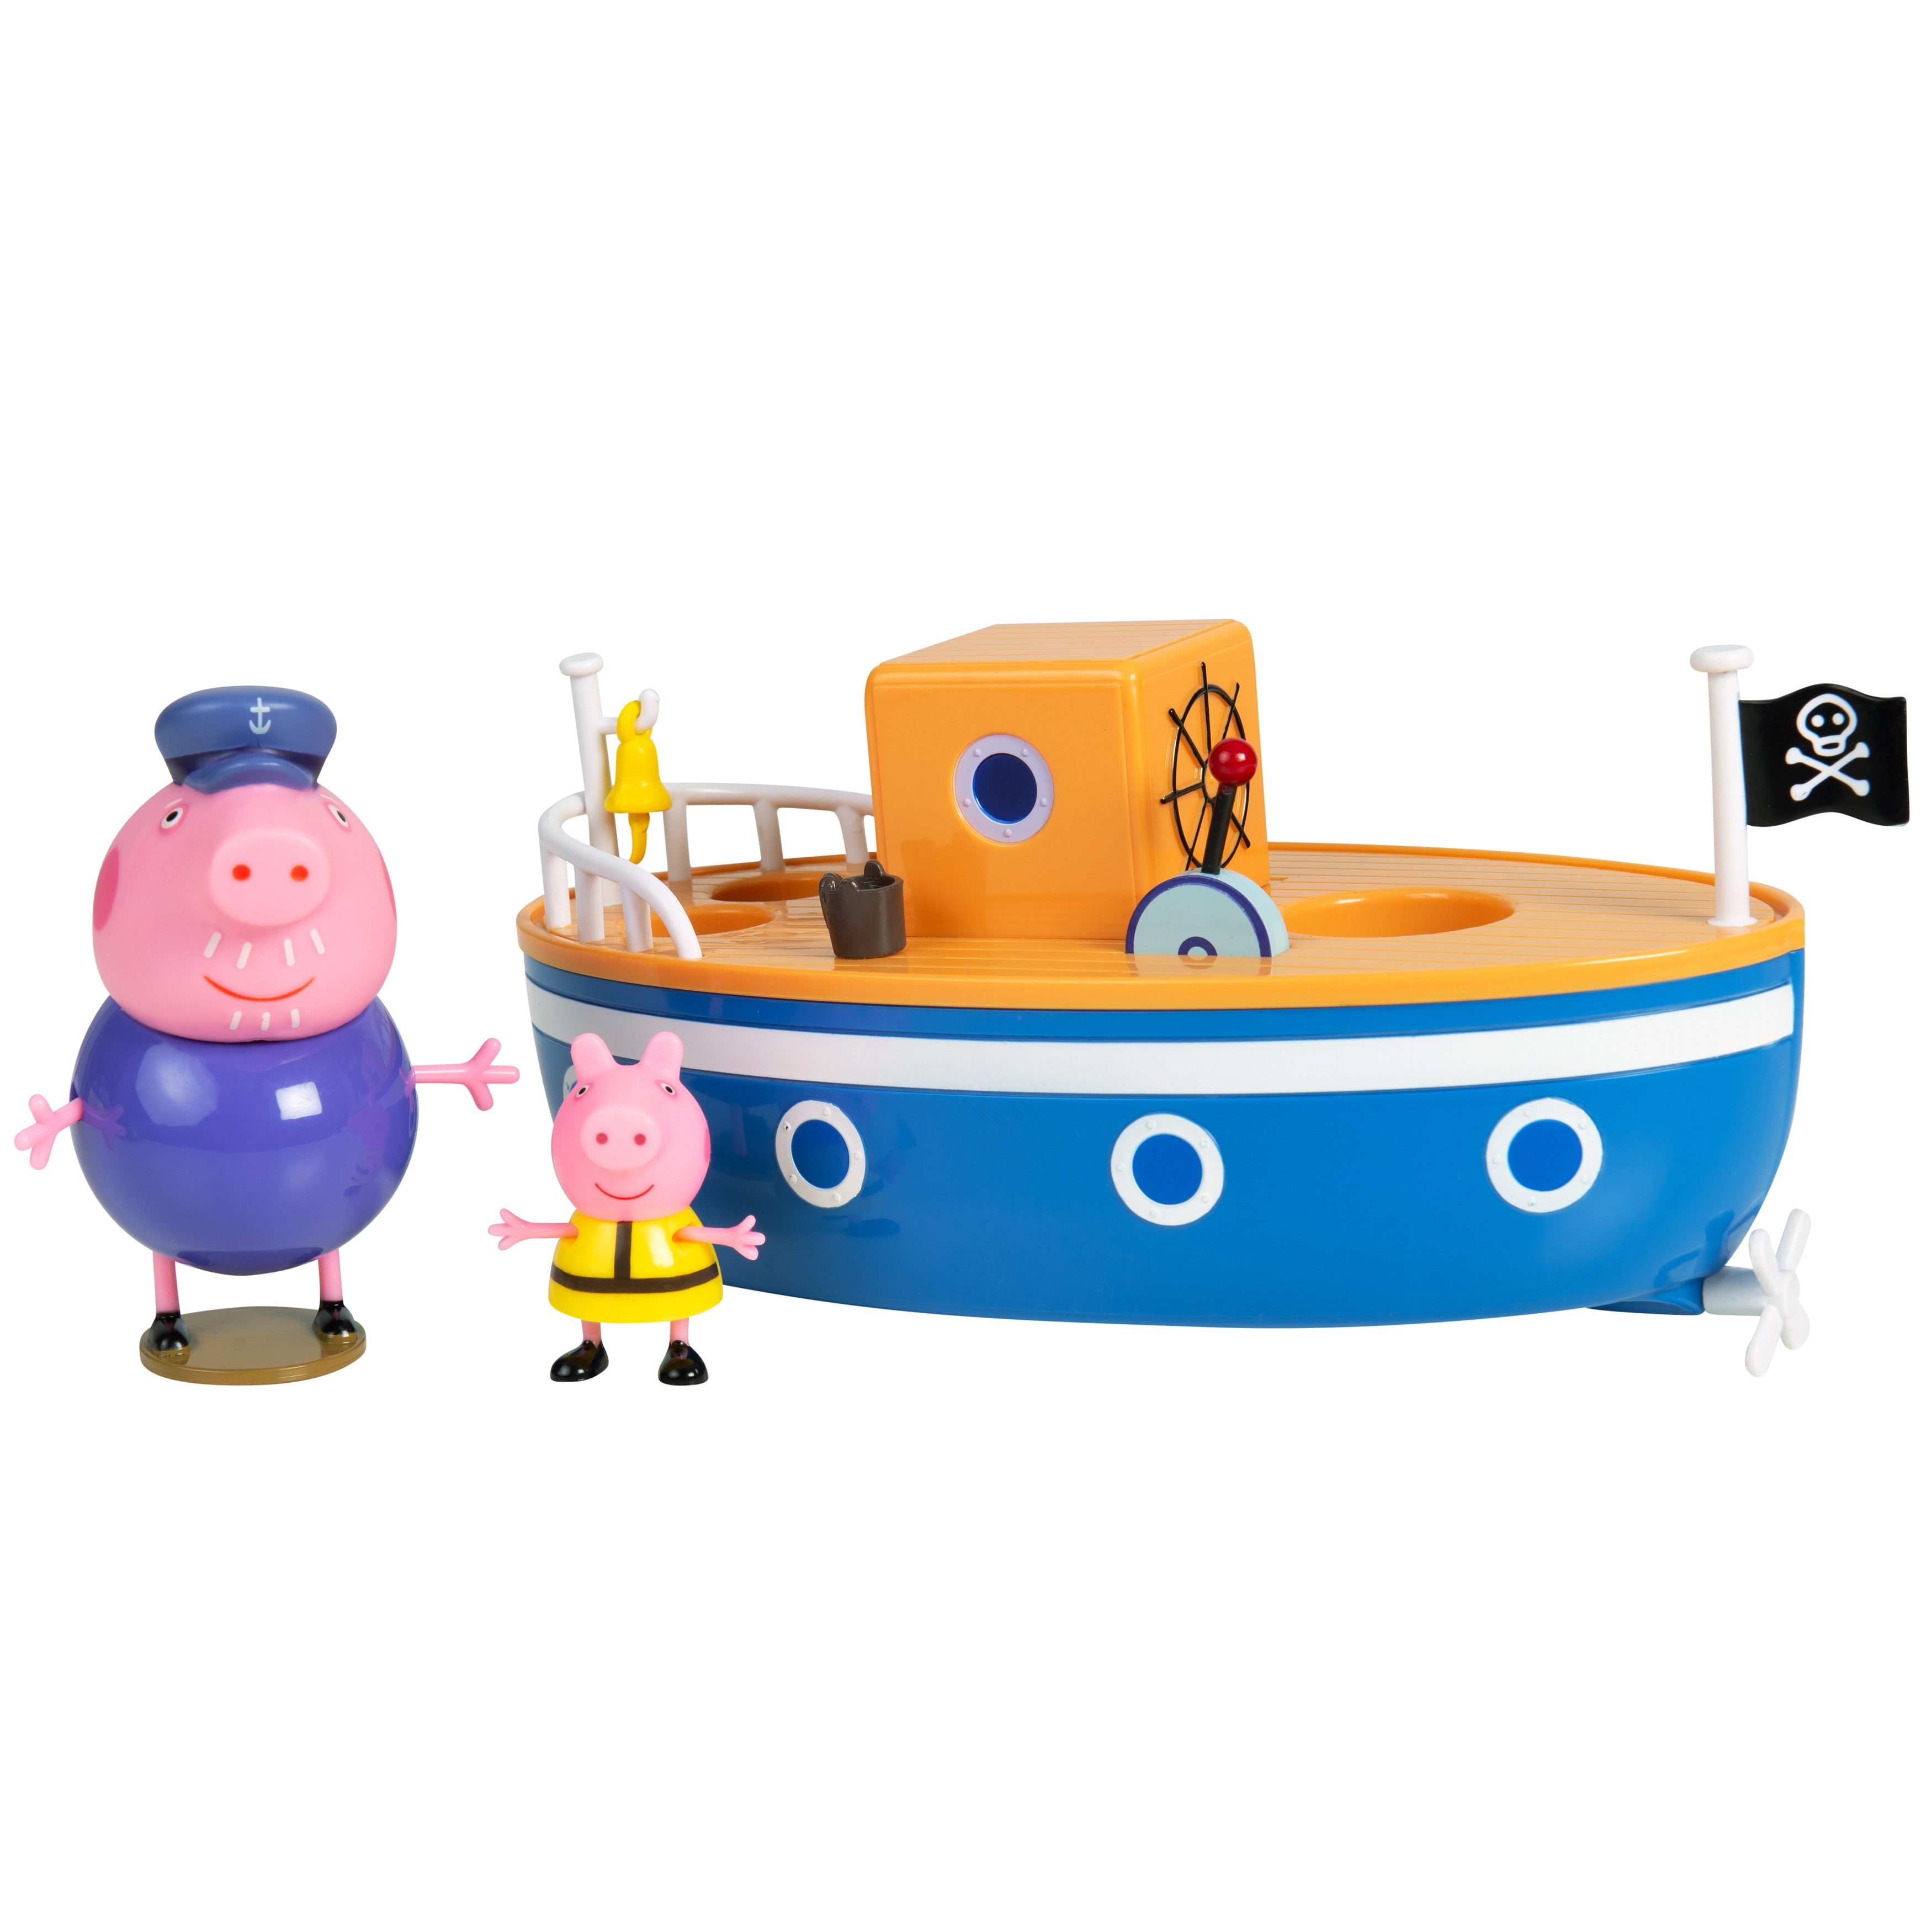 Купить Игровой набор Peppa Pig для ванны Корабль дедушки Пеппы,